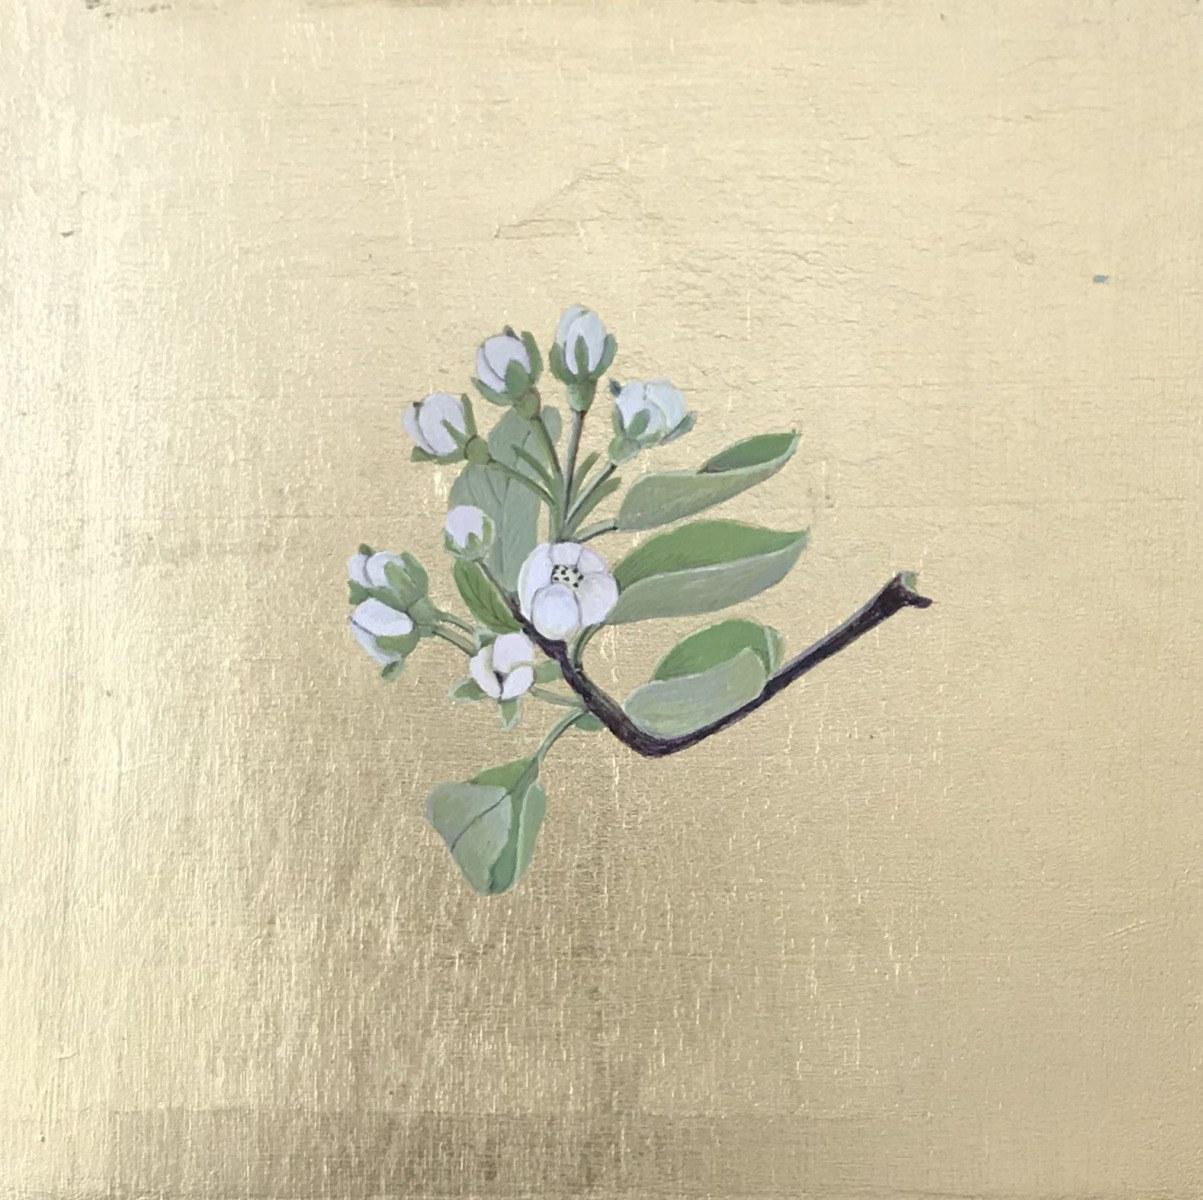 1_pear-blossom-I